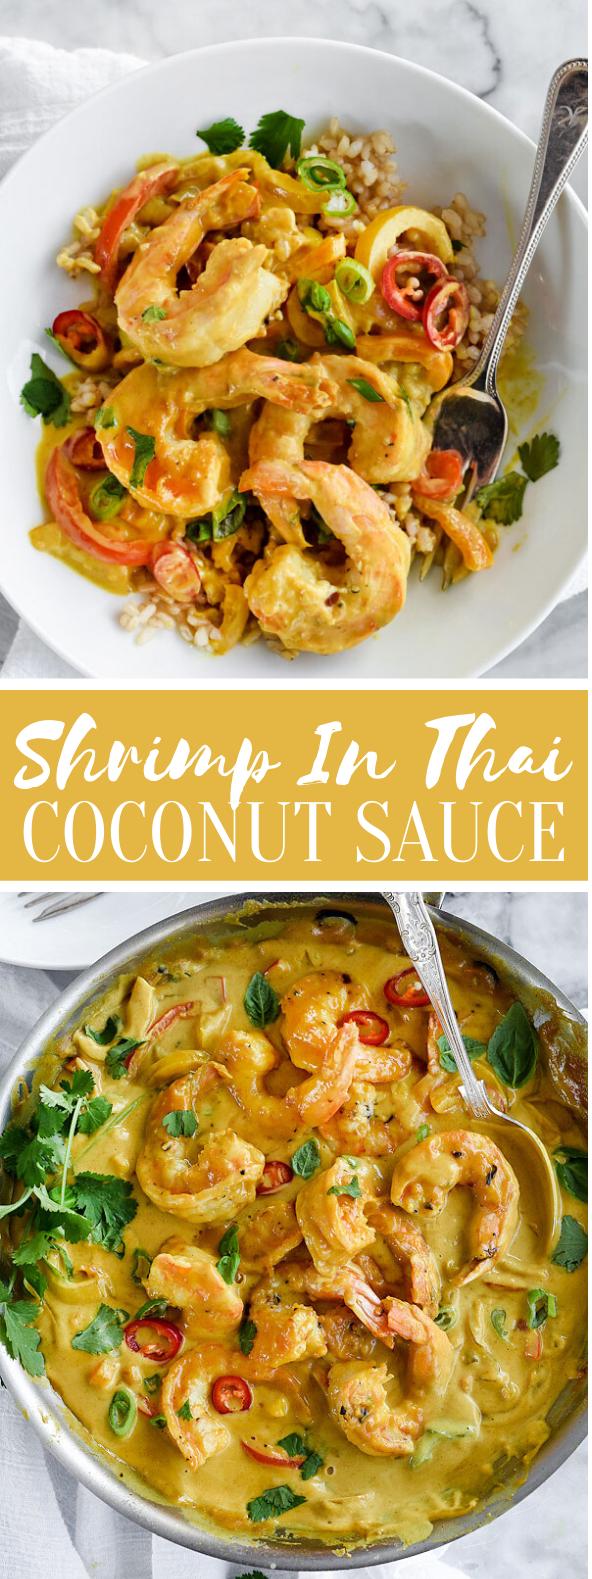 Shrimp In Thai Coconut Sauce #dinner #lunch